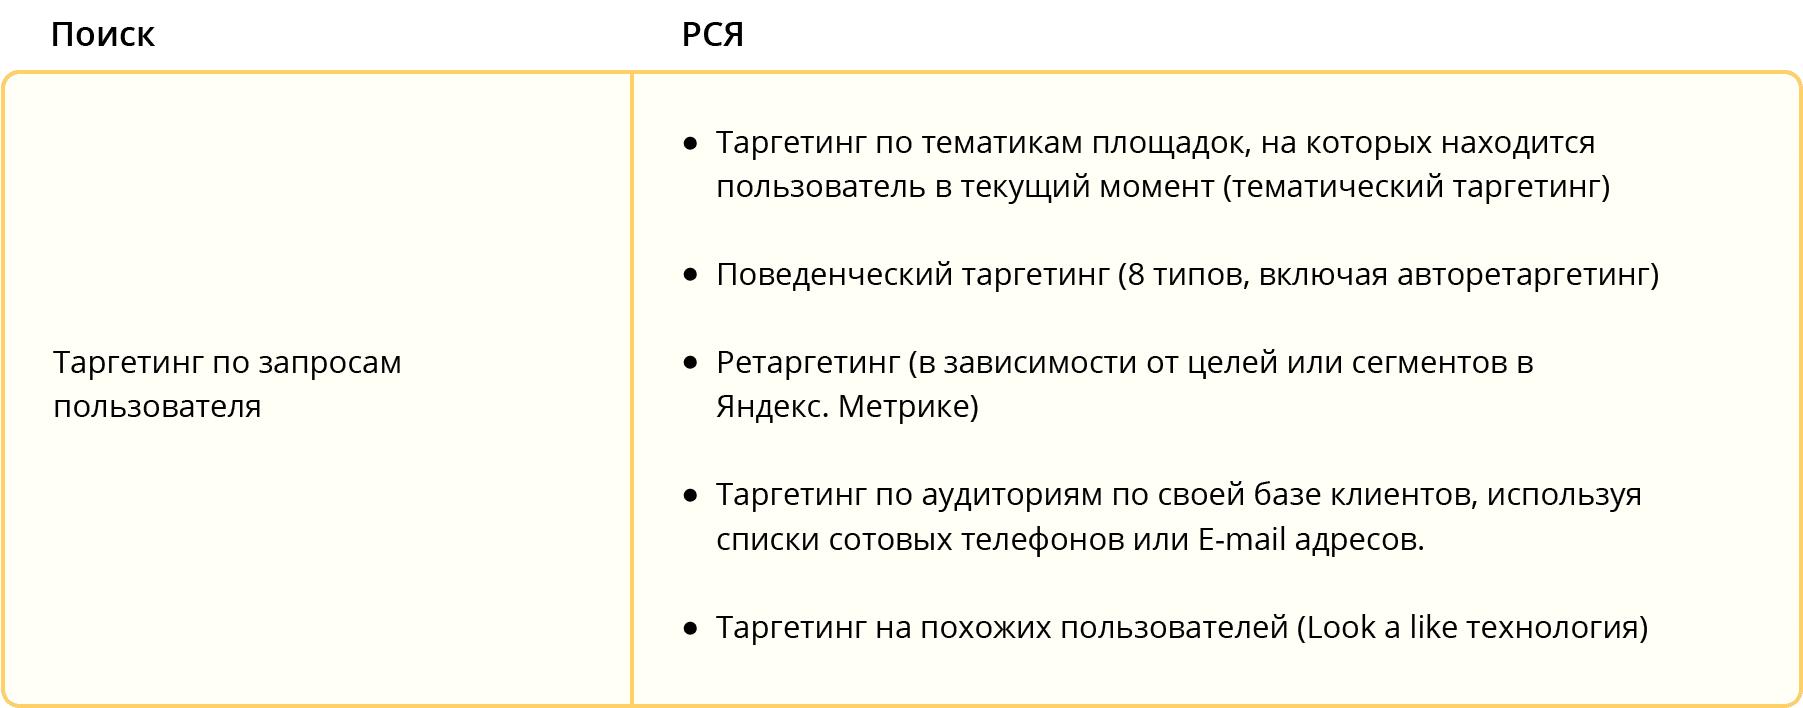 tab1.png